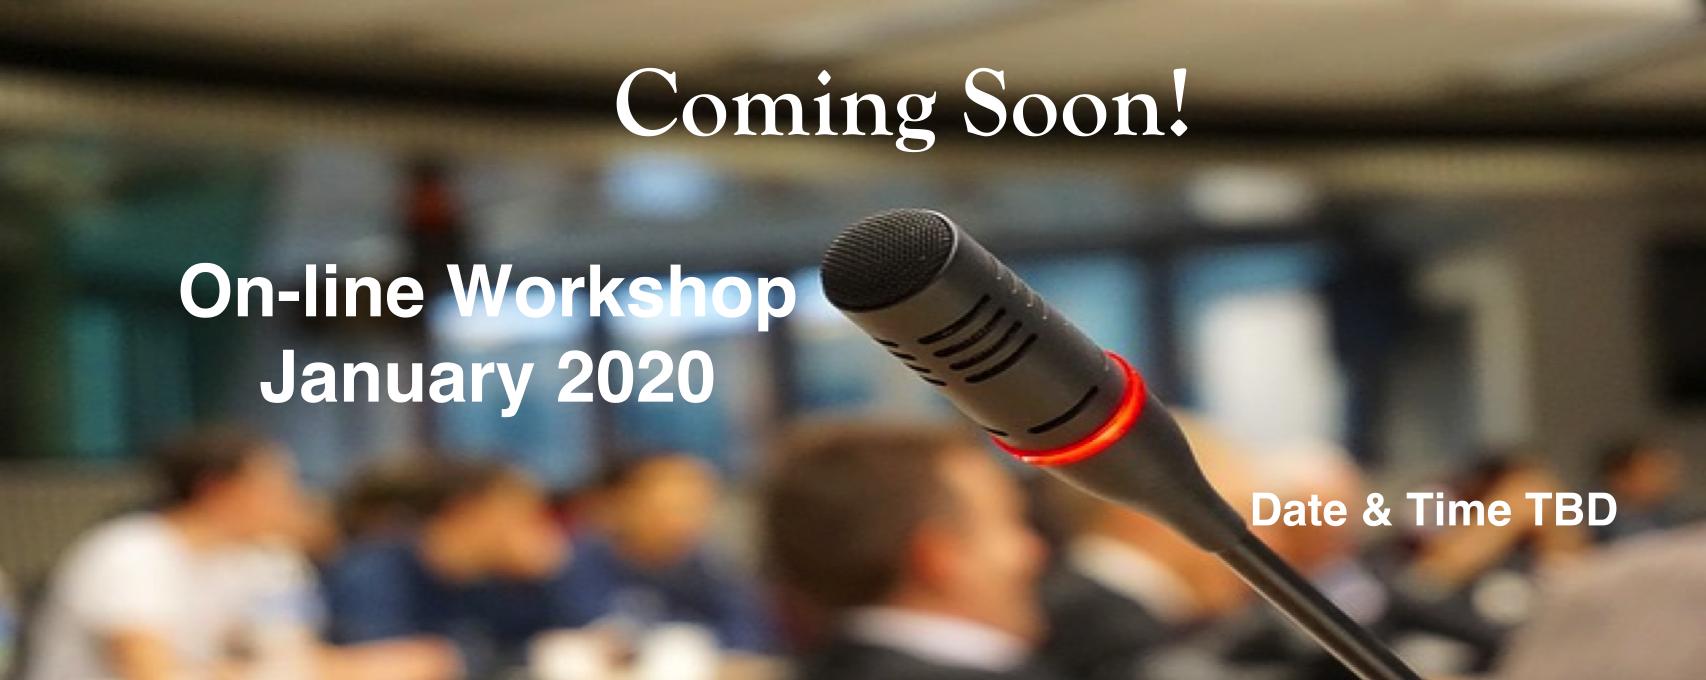 DWW Online workshop slide